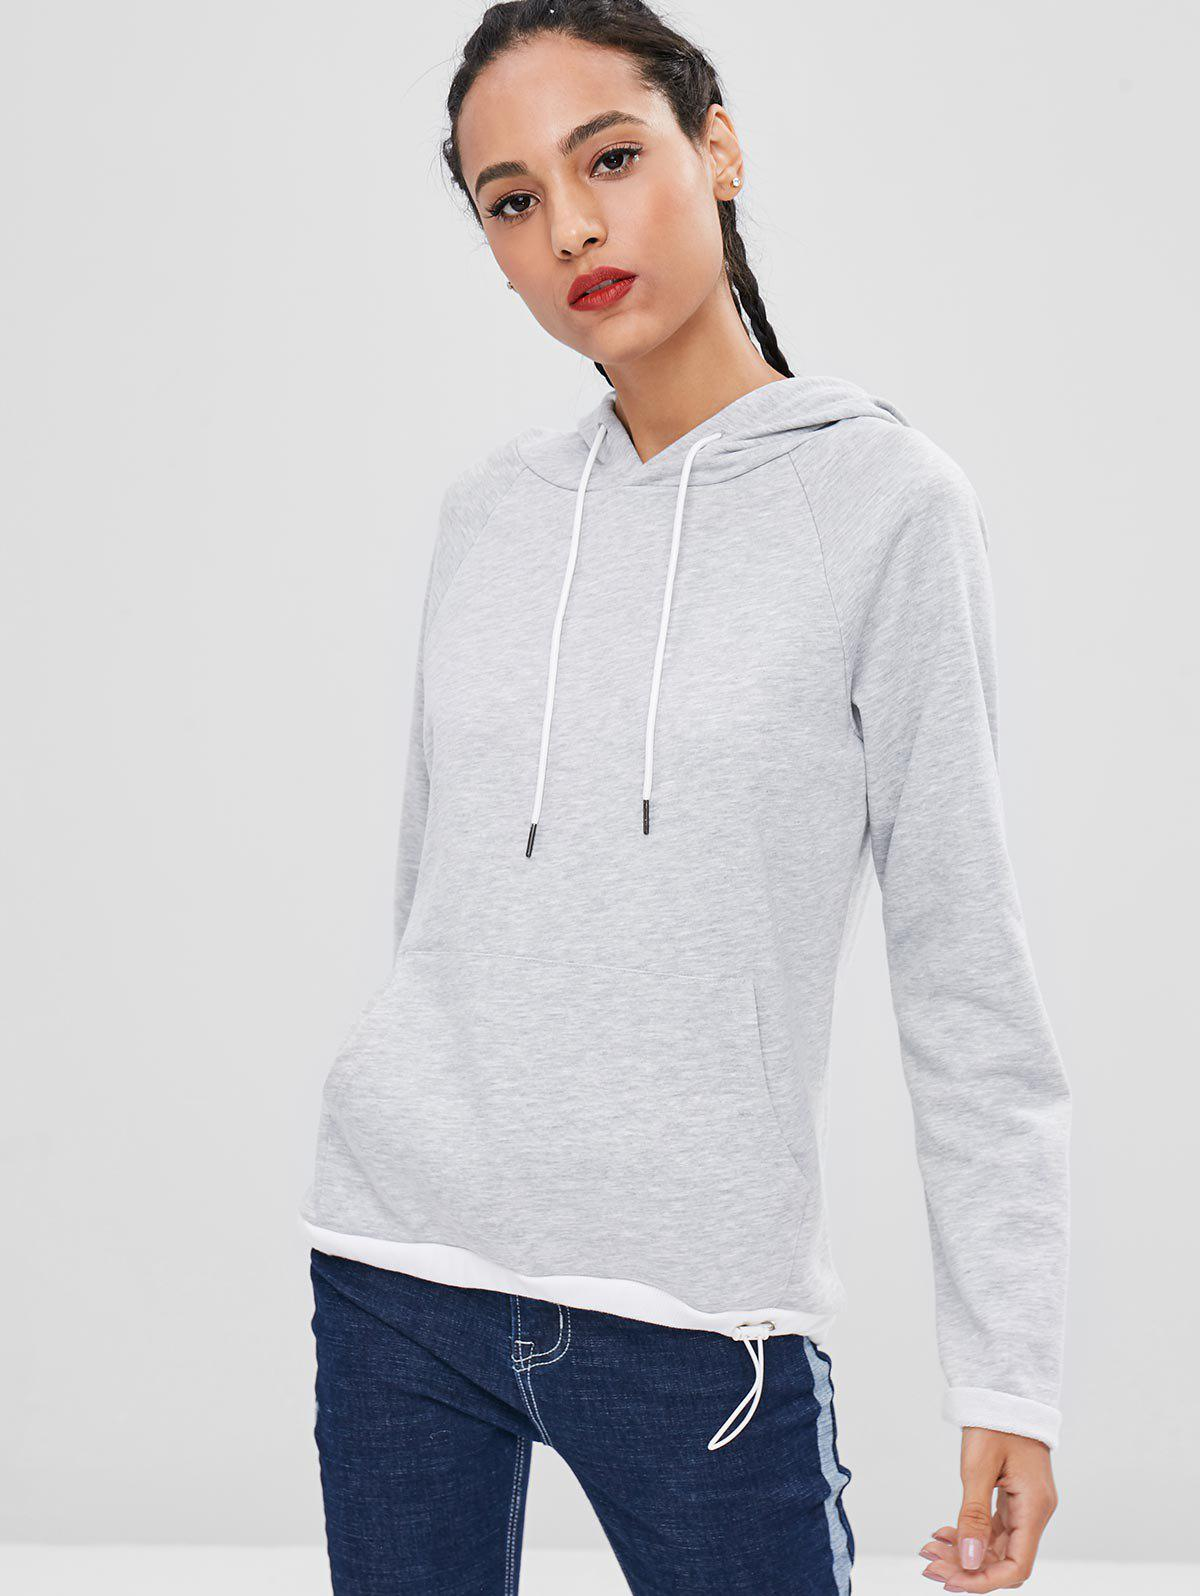 Loose Raglan Sleeve Contrasting Hoodie